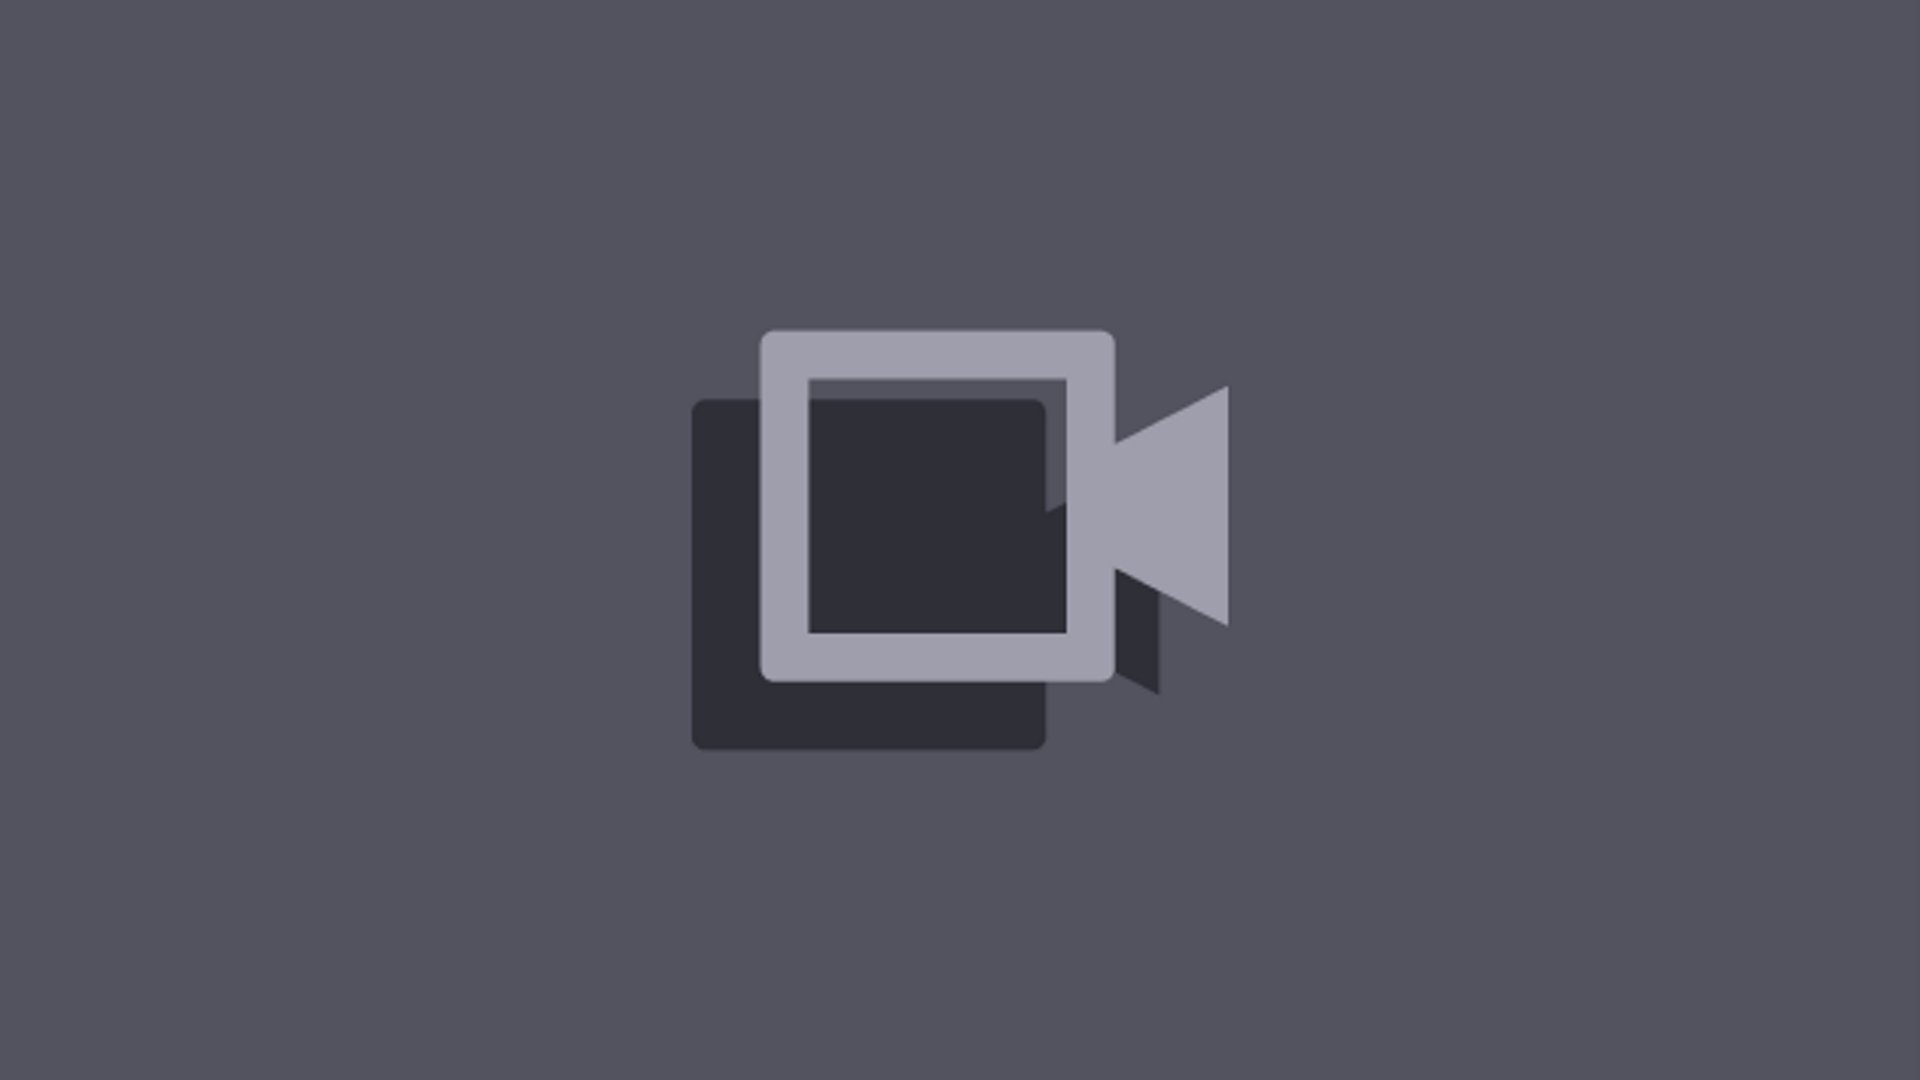 Twitch stream of FoxCasino